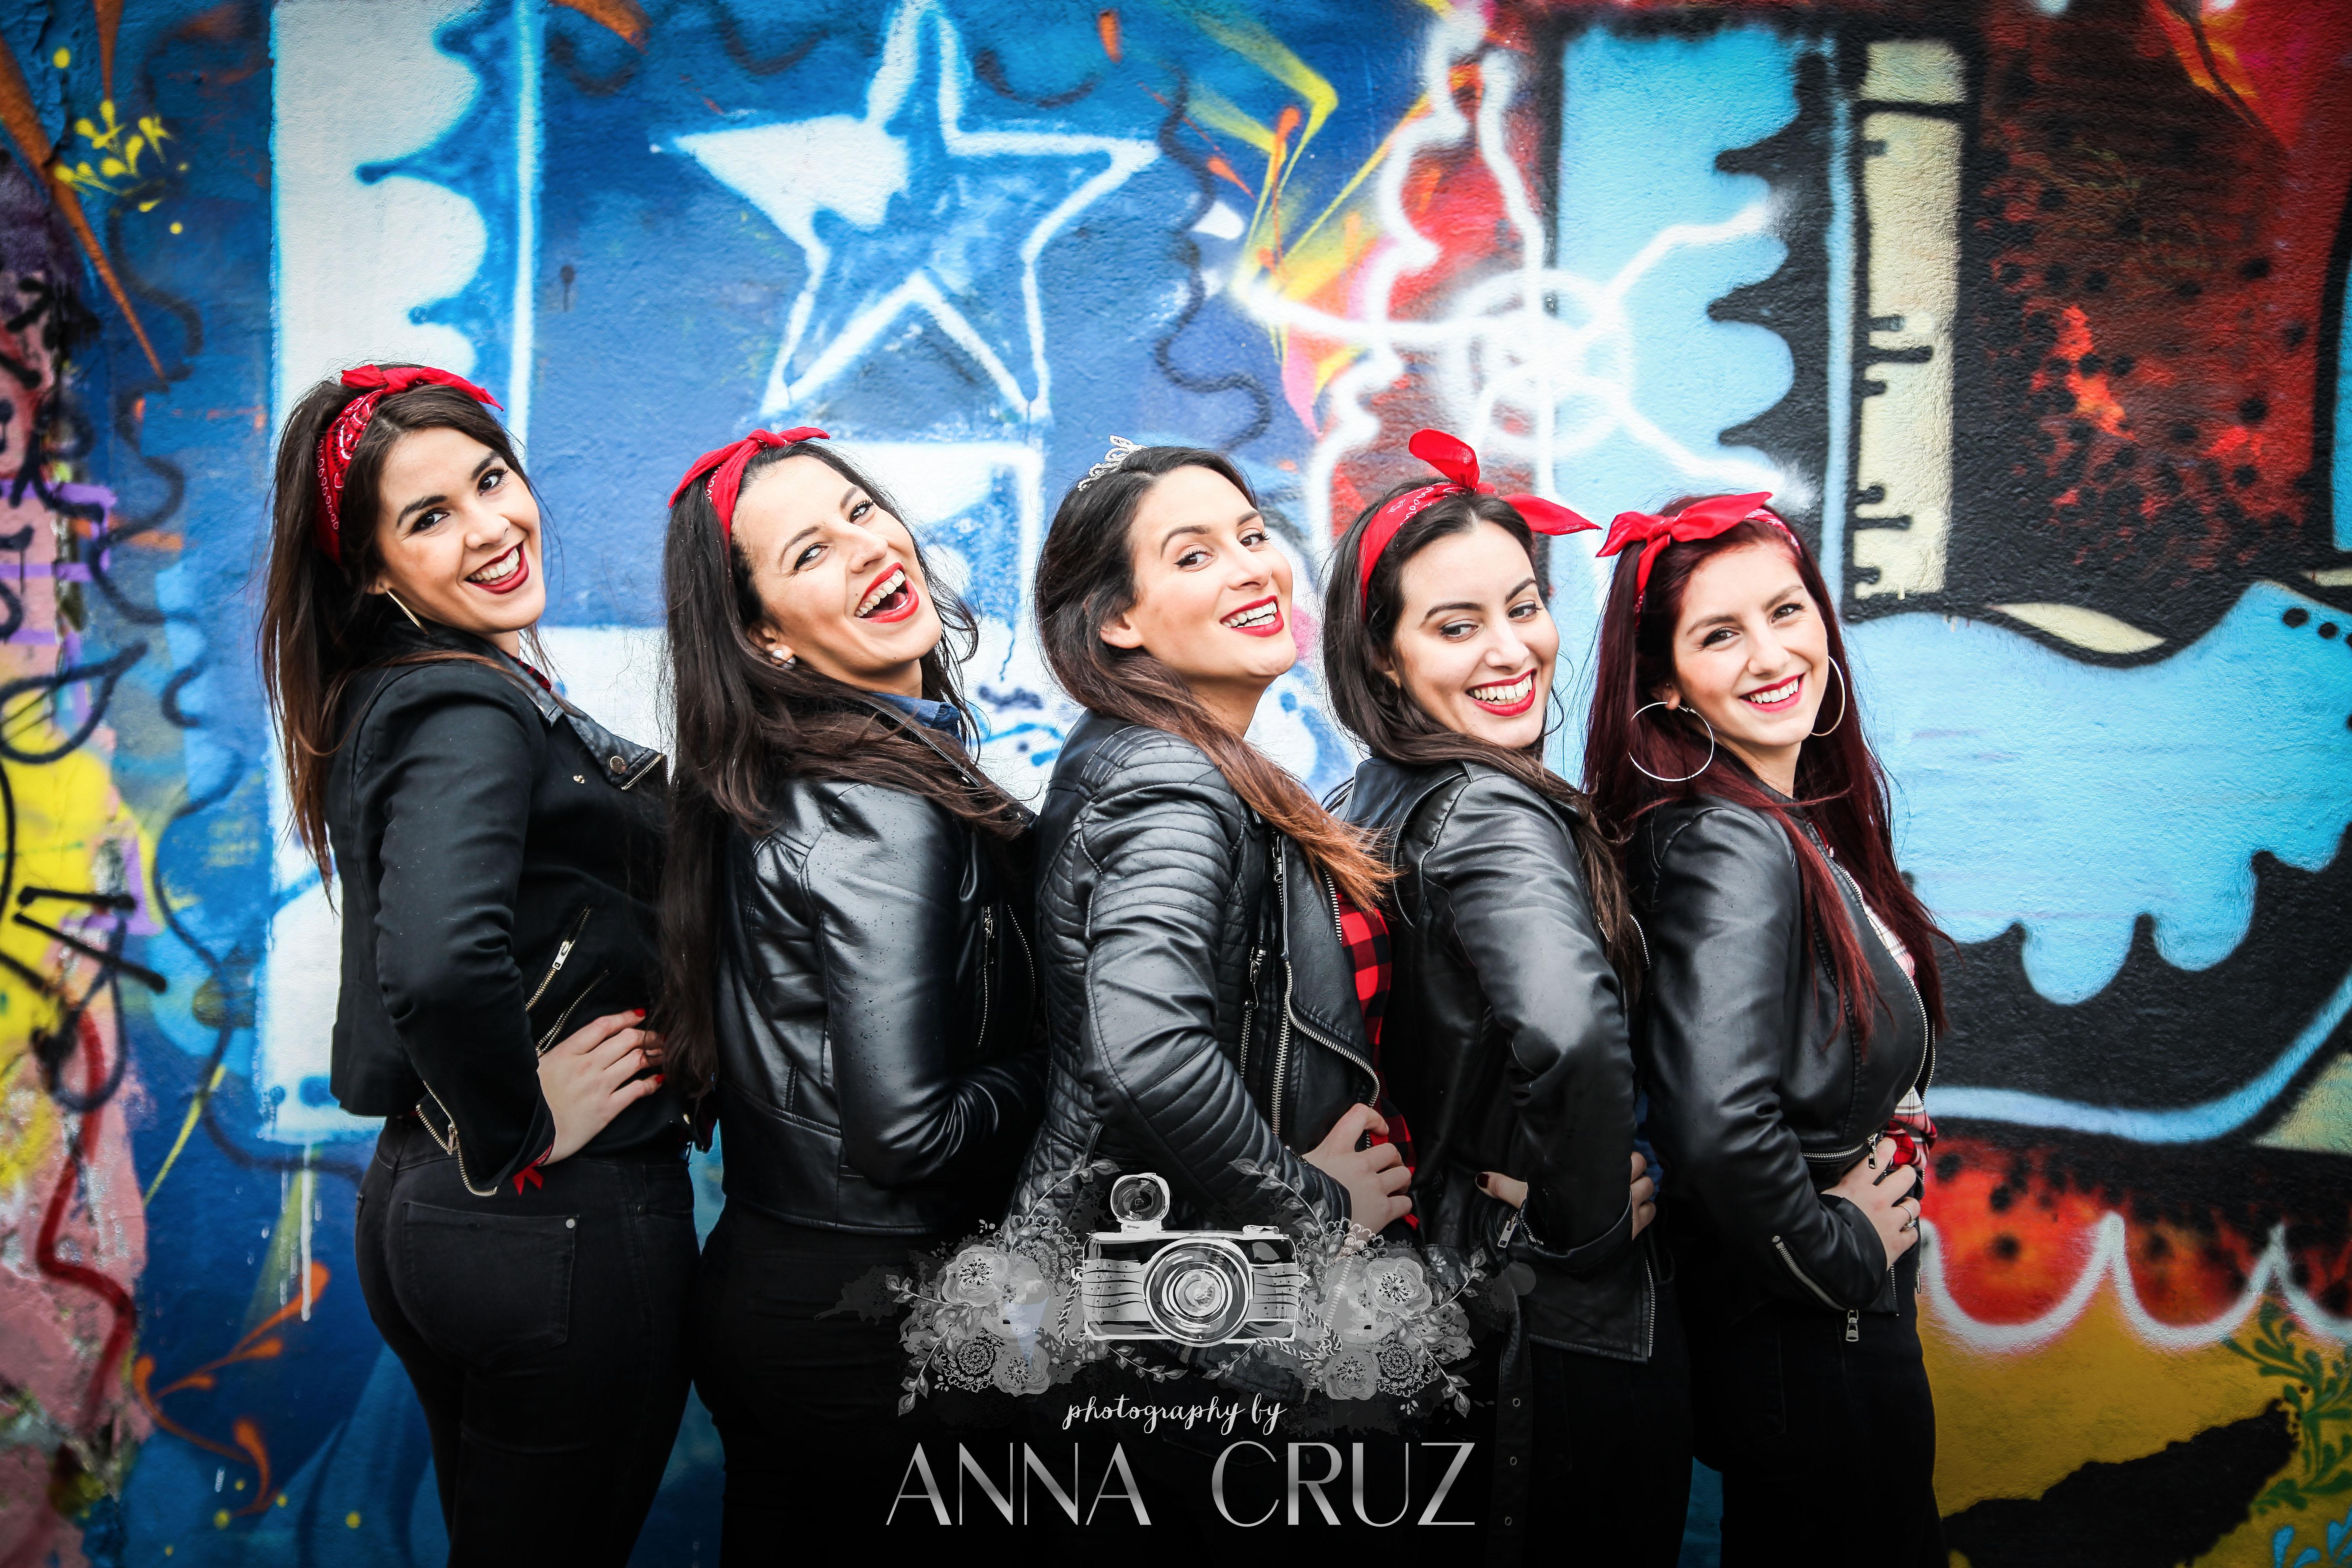 EVJF Rock By Anna Cruz